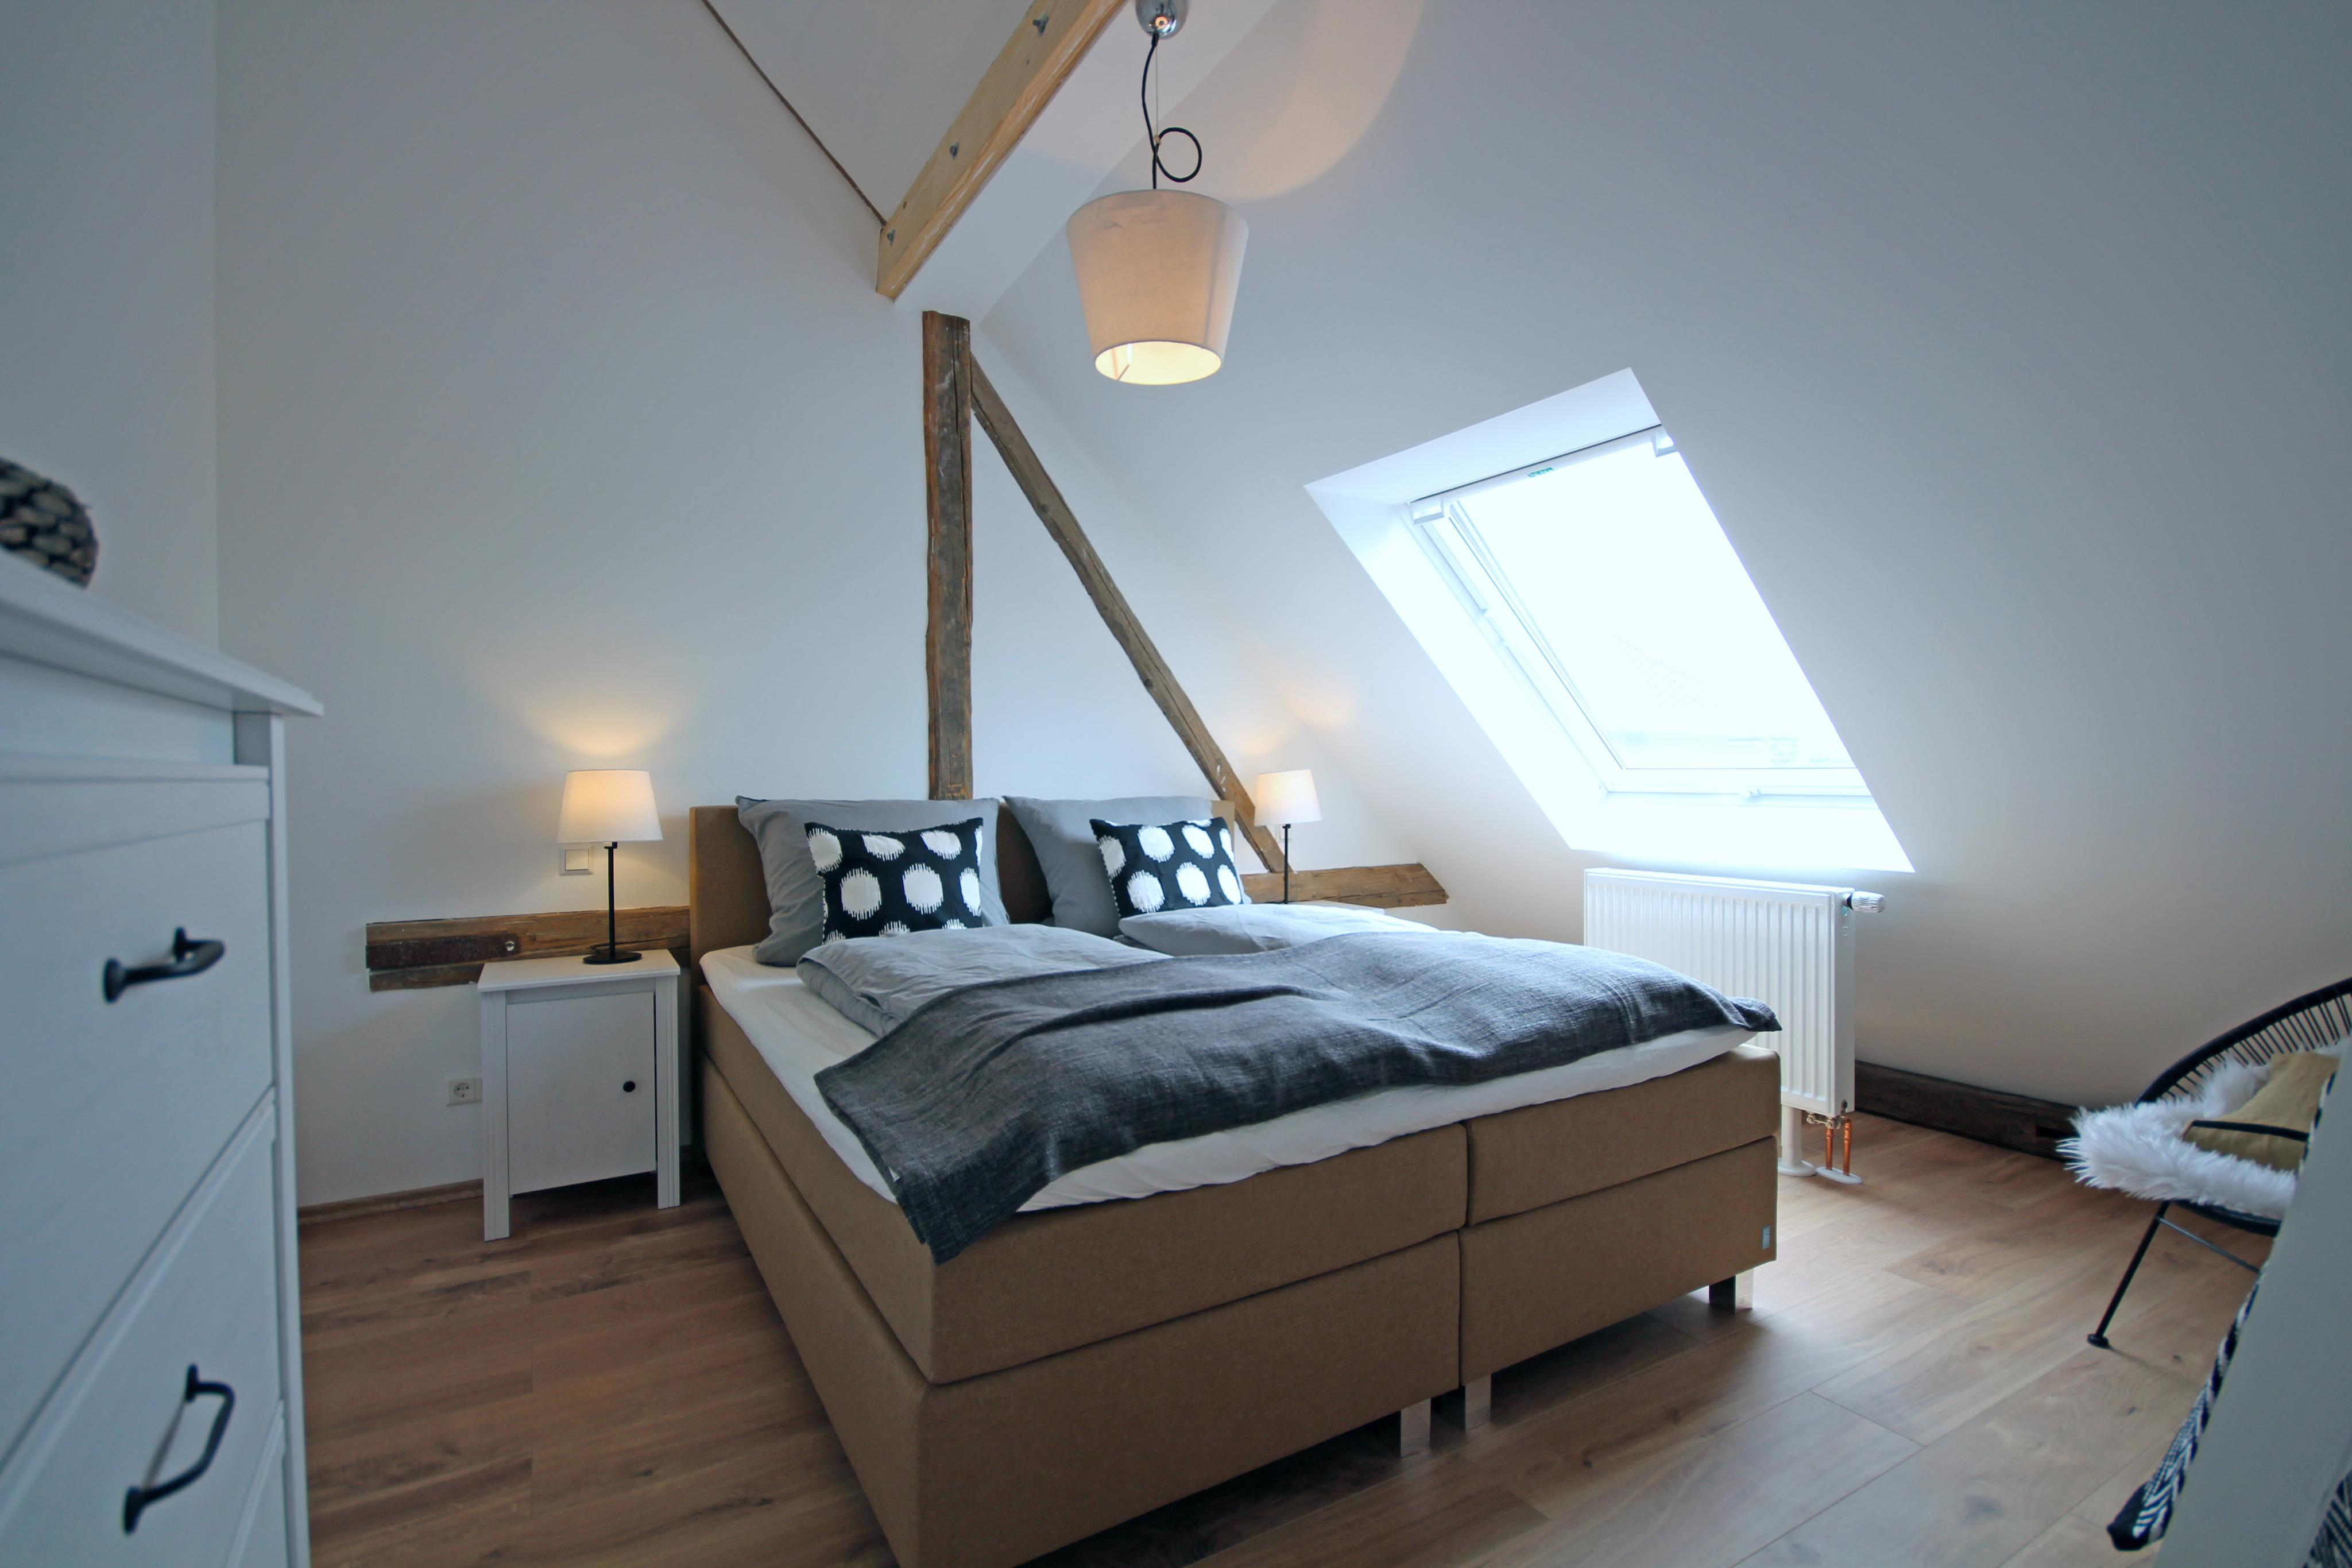 Wohnideen Dachschräge dachschräge bilder ideen couchstyle